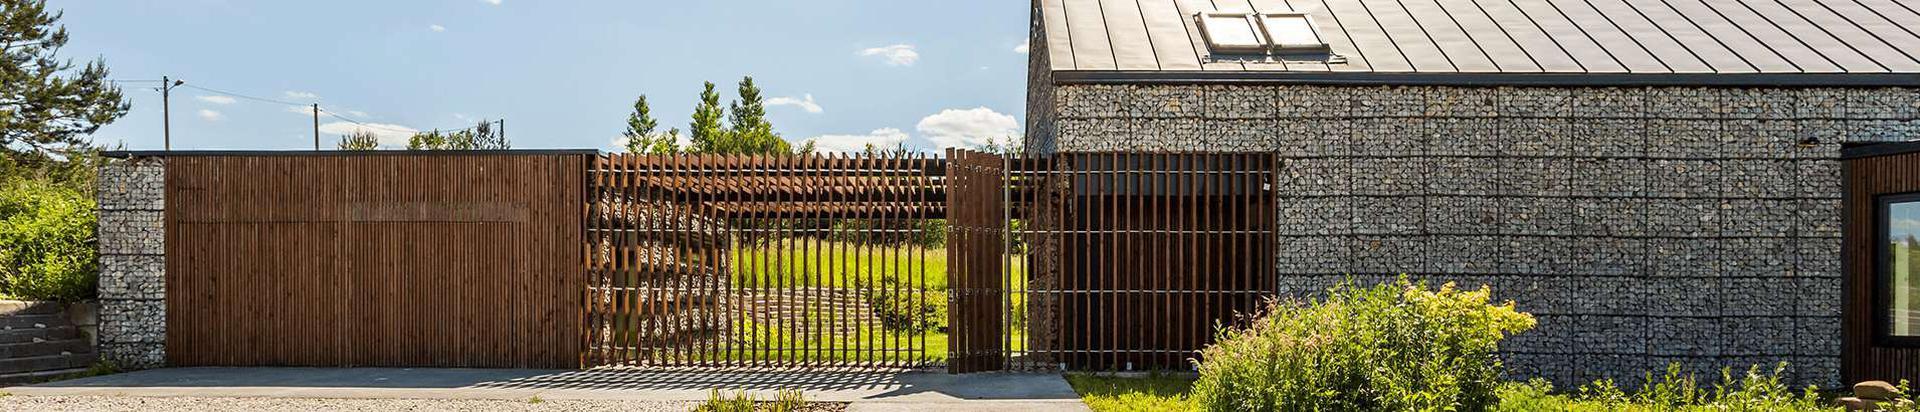 12617547_hest-fencing-ou_46023630_xl.jpg